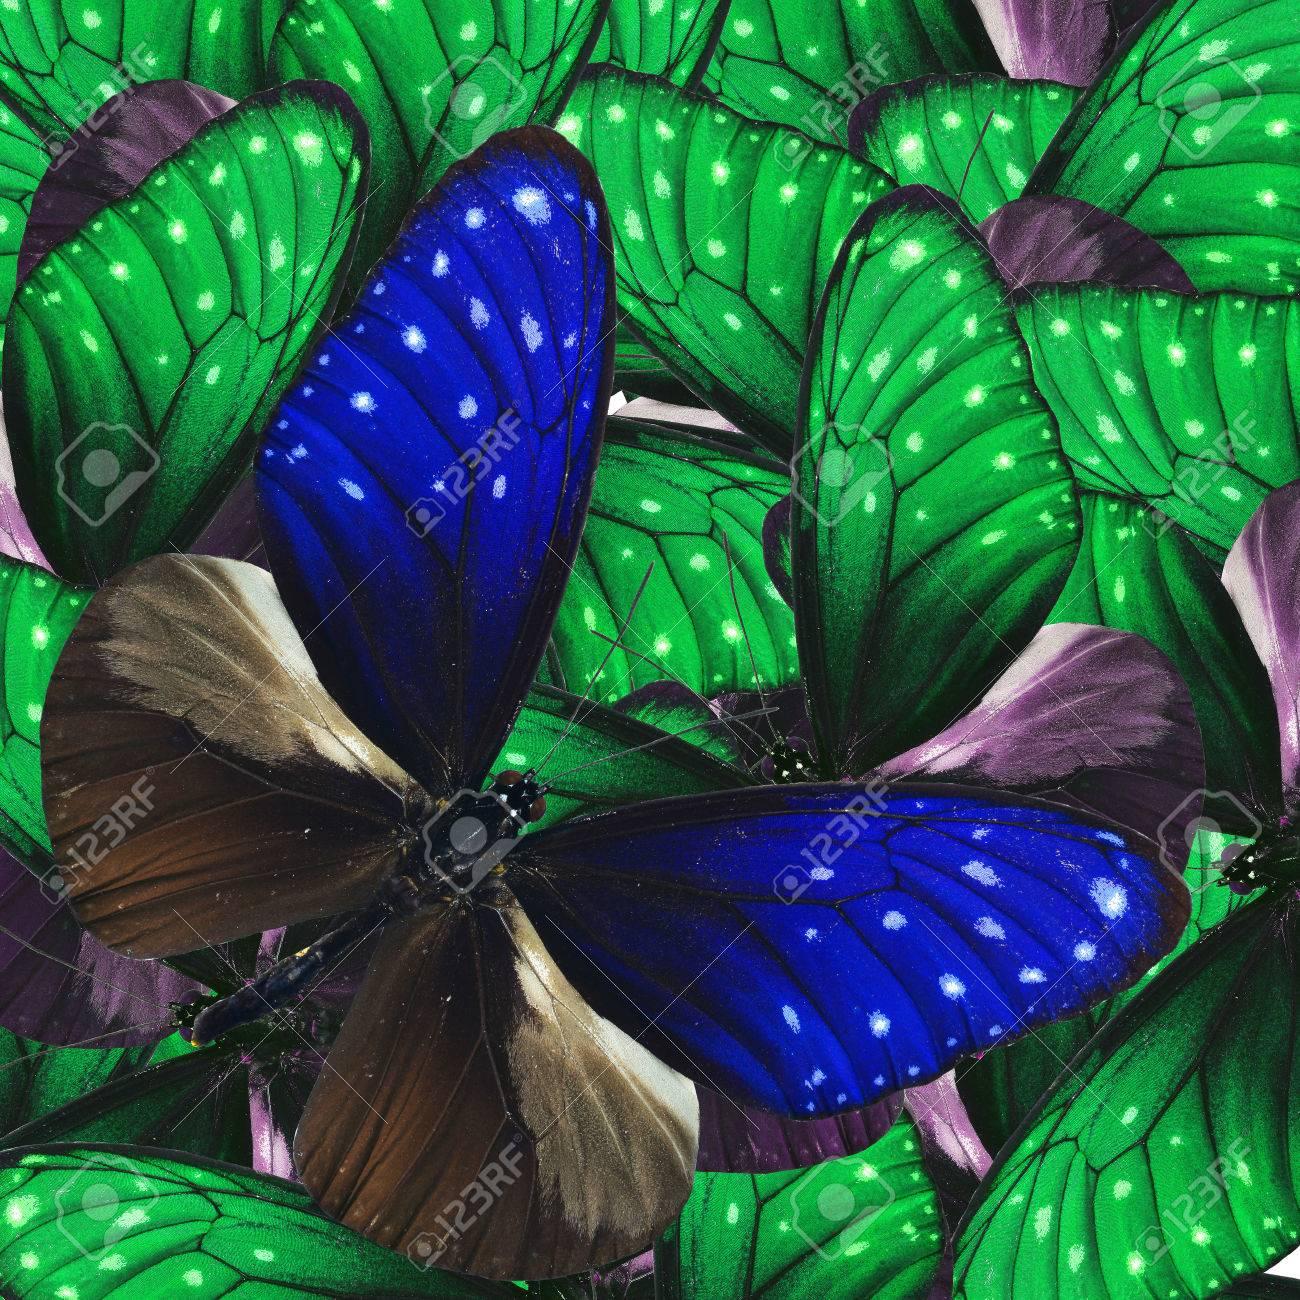 Rayas Azul Crow Mariposa Con Bonitas Mariposas De Fantasía Verde En